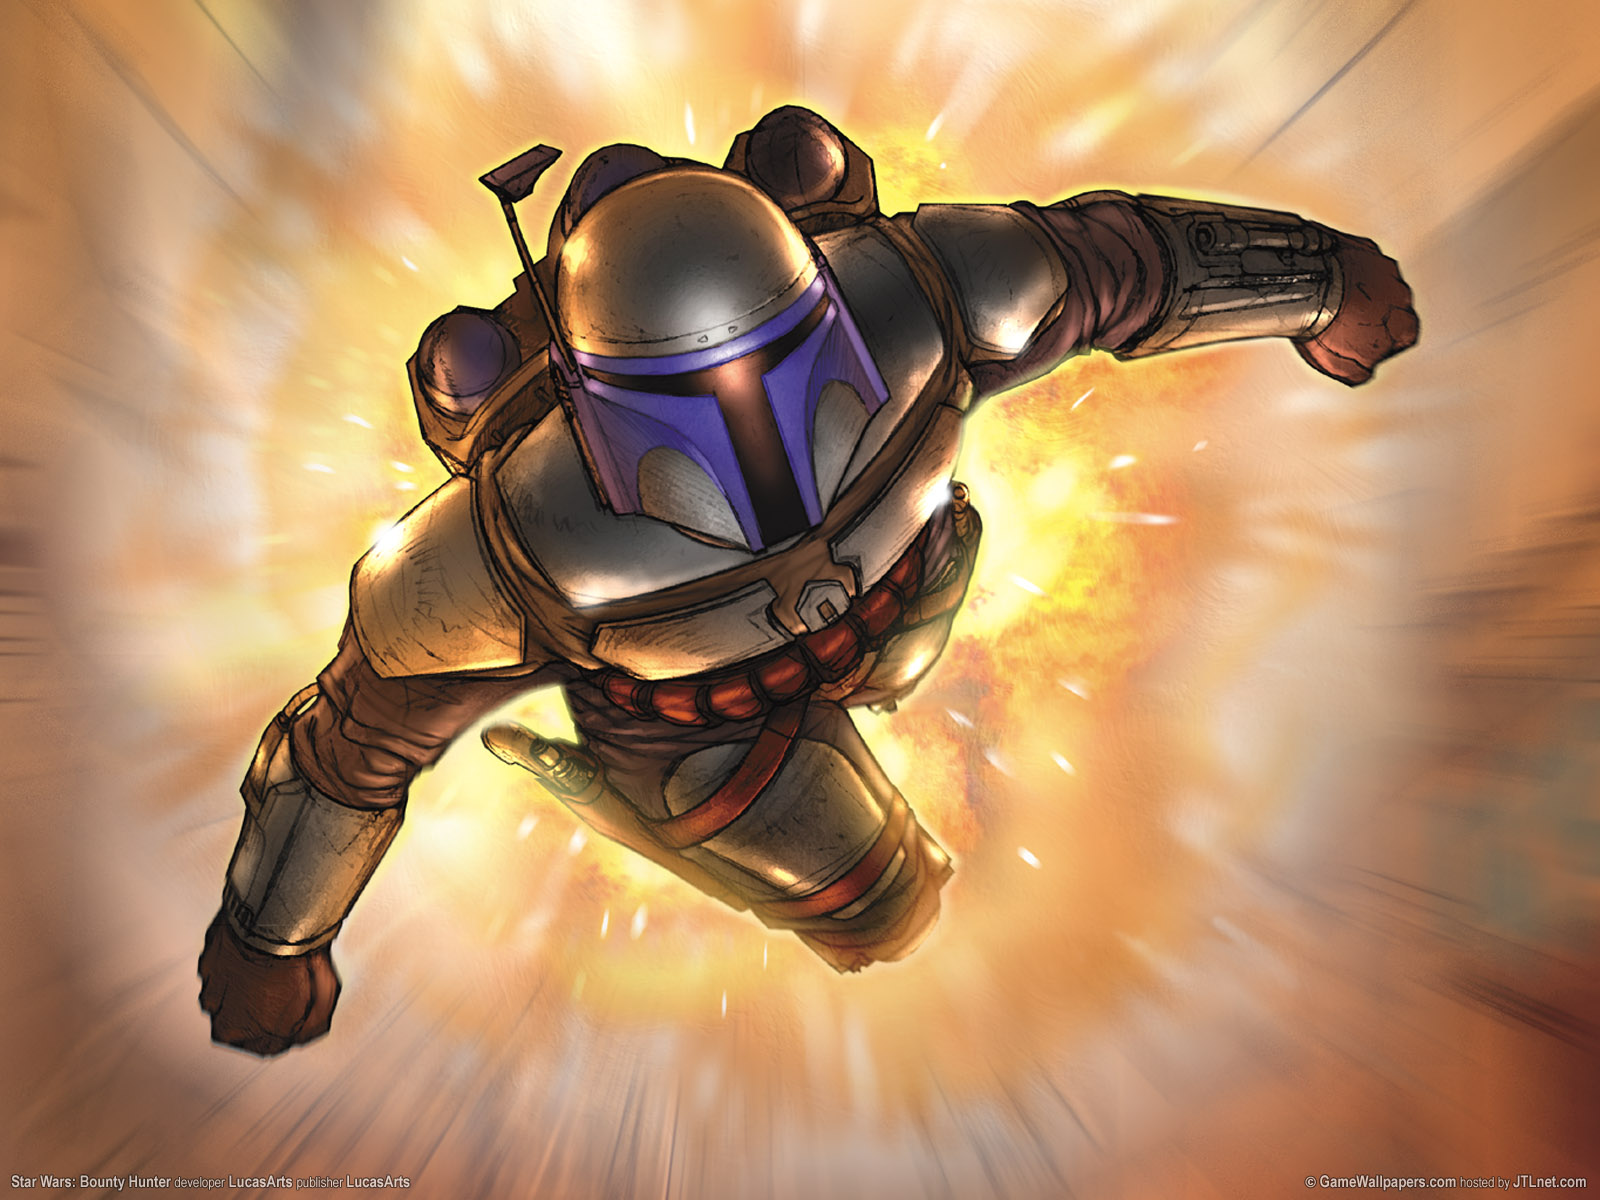 Star Wars Bounty Hunters Wallpaper - WallpaperSafari